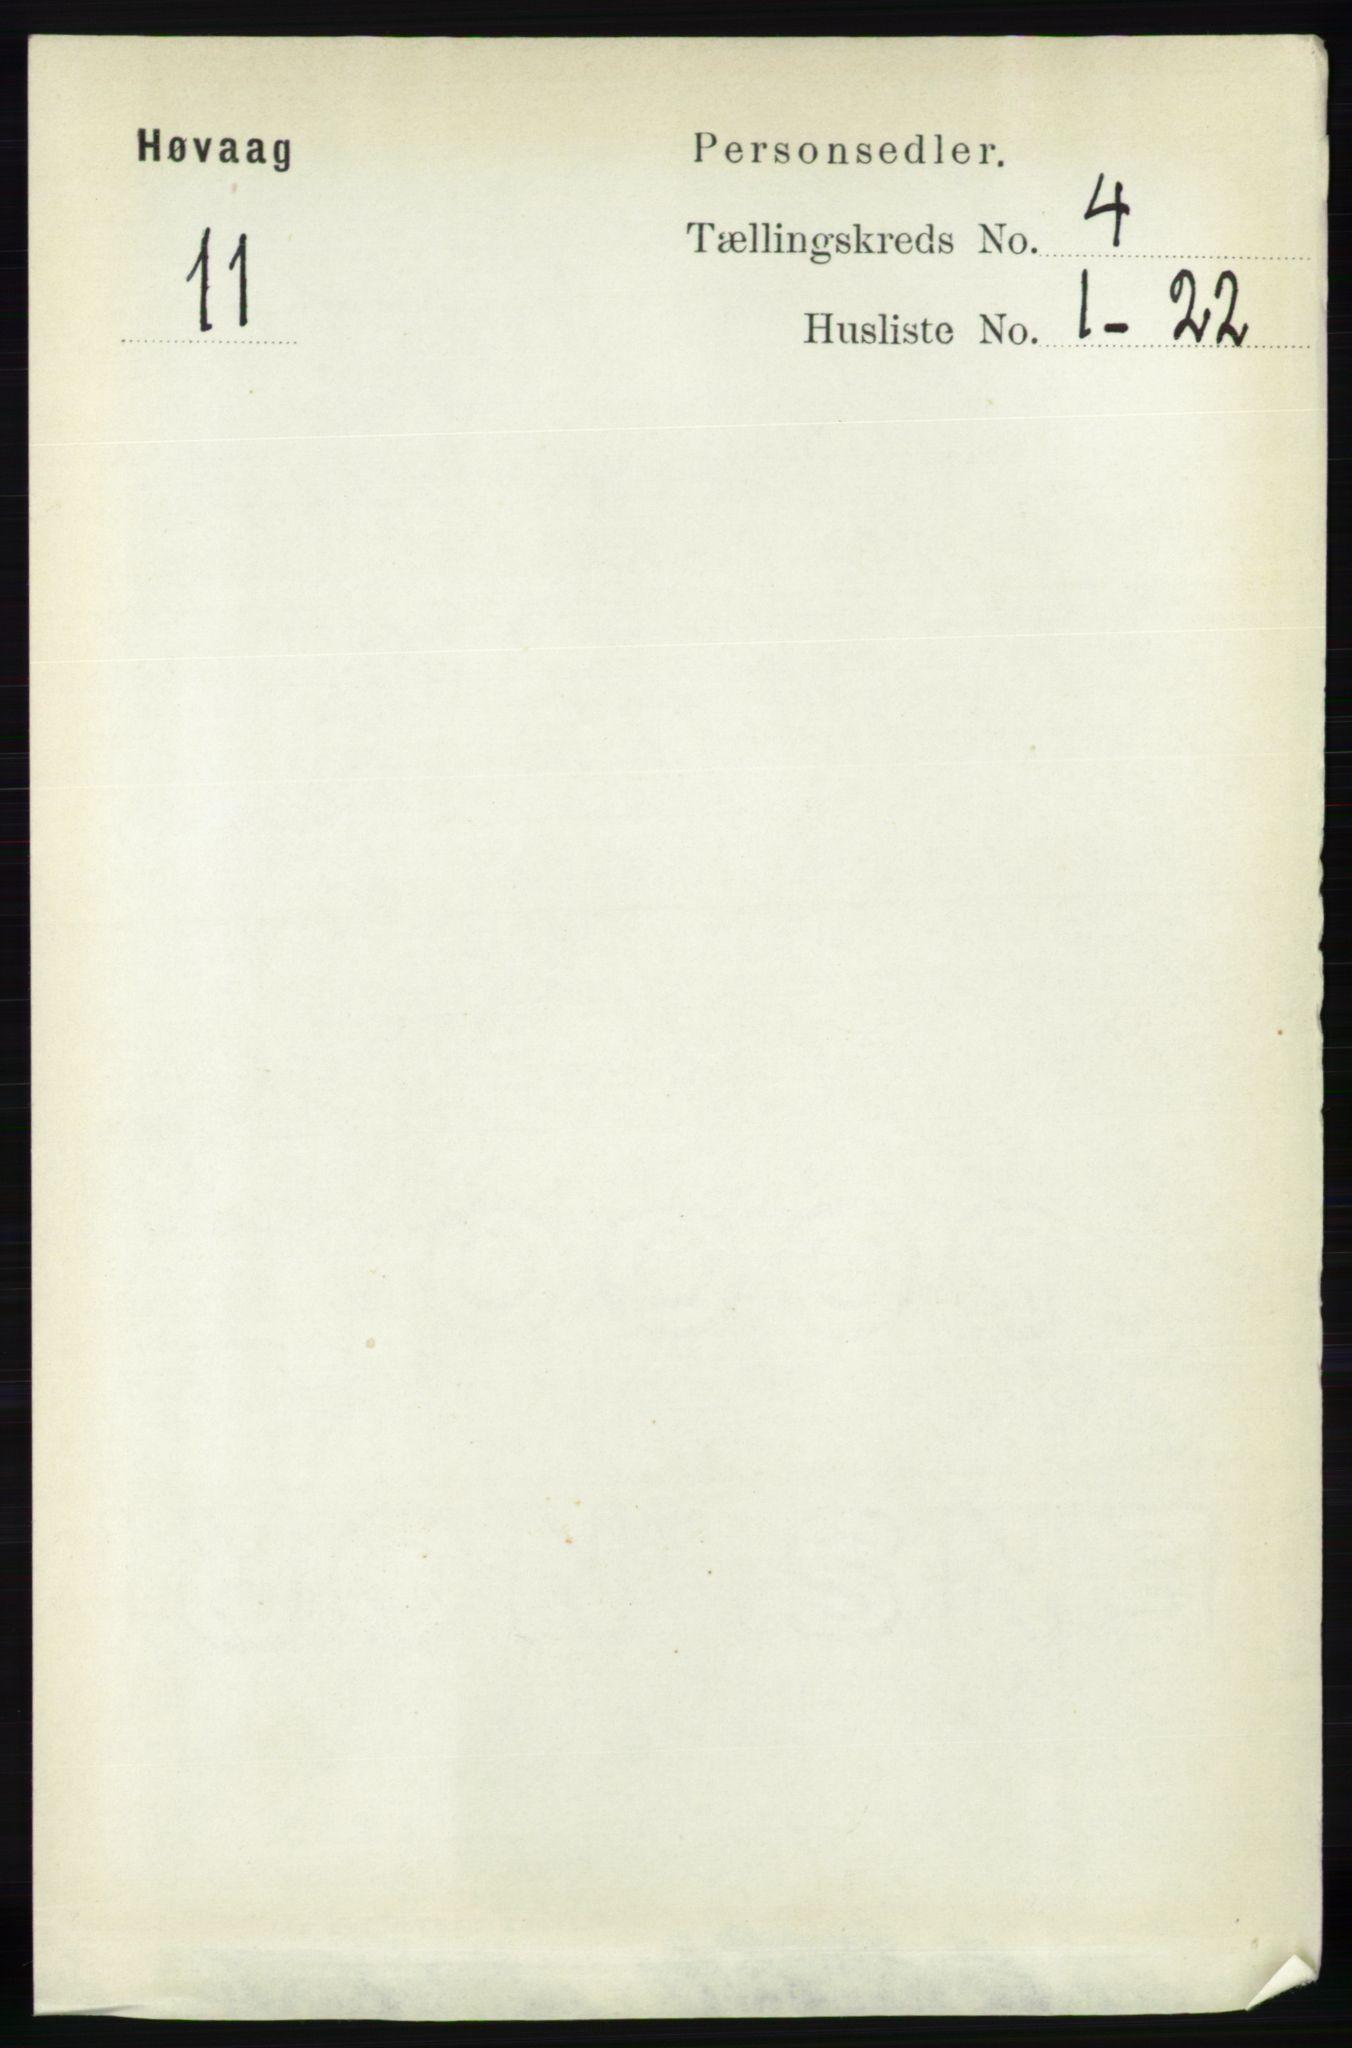 RA, Folketelling 1891 for 0927 Høvåg herred, 1891, s. 1508